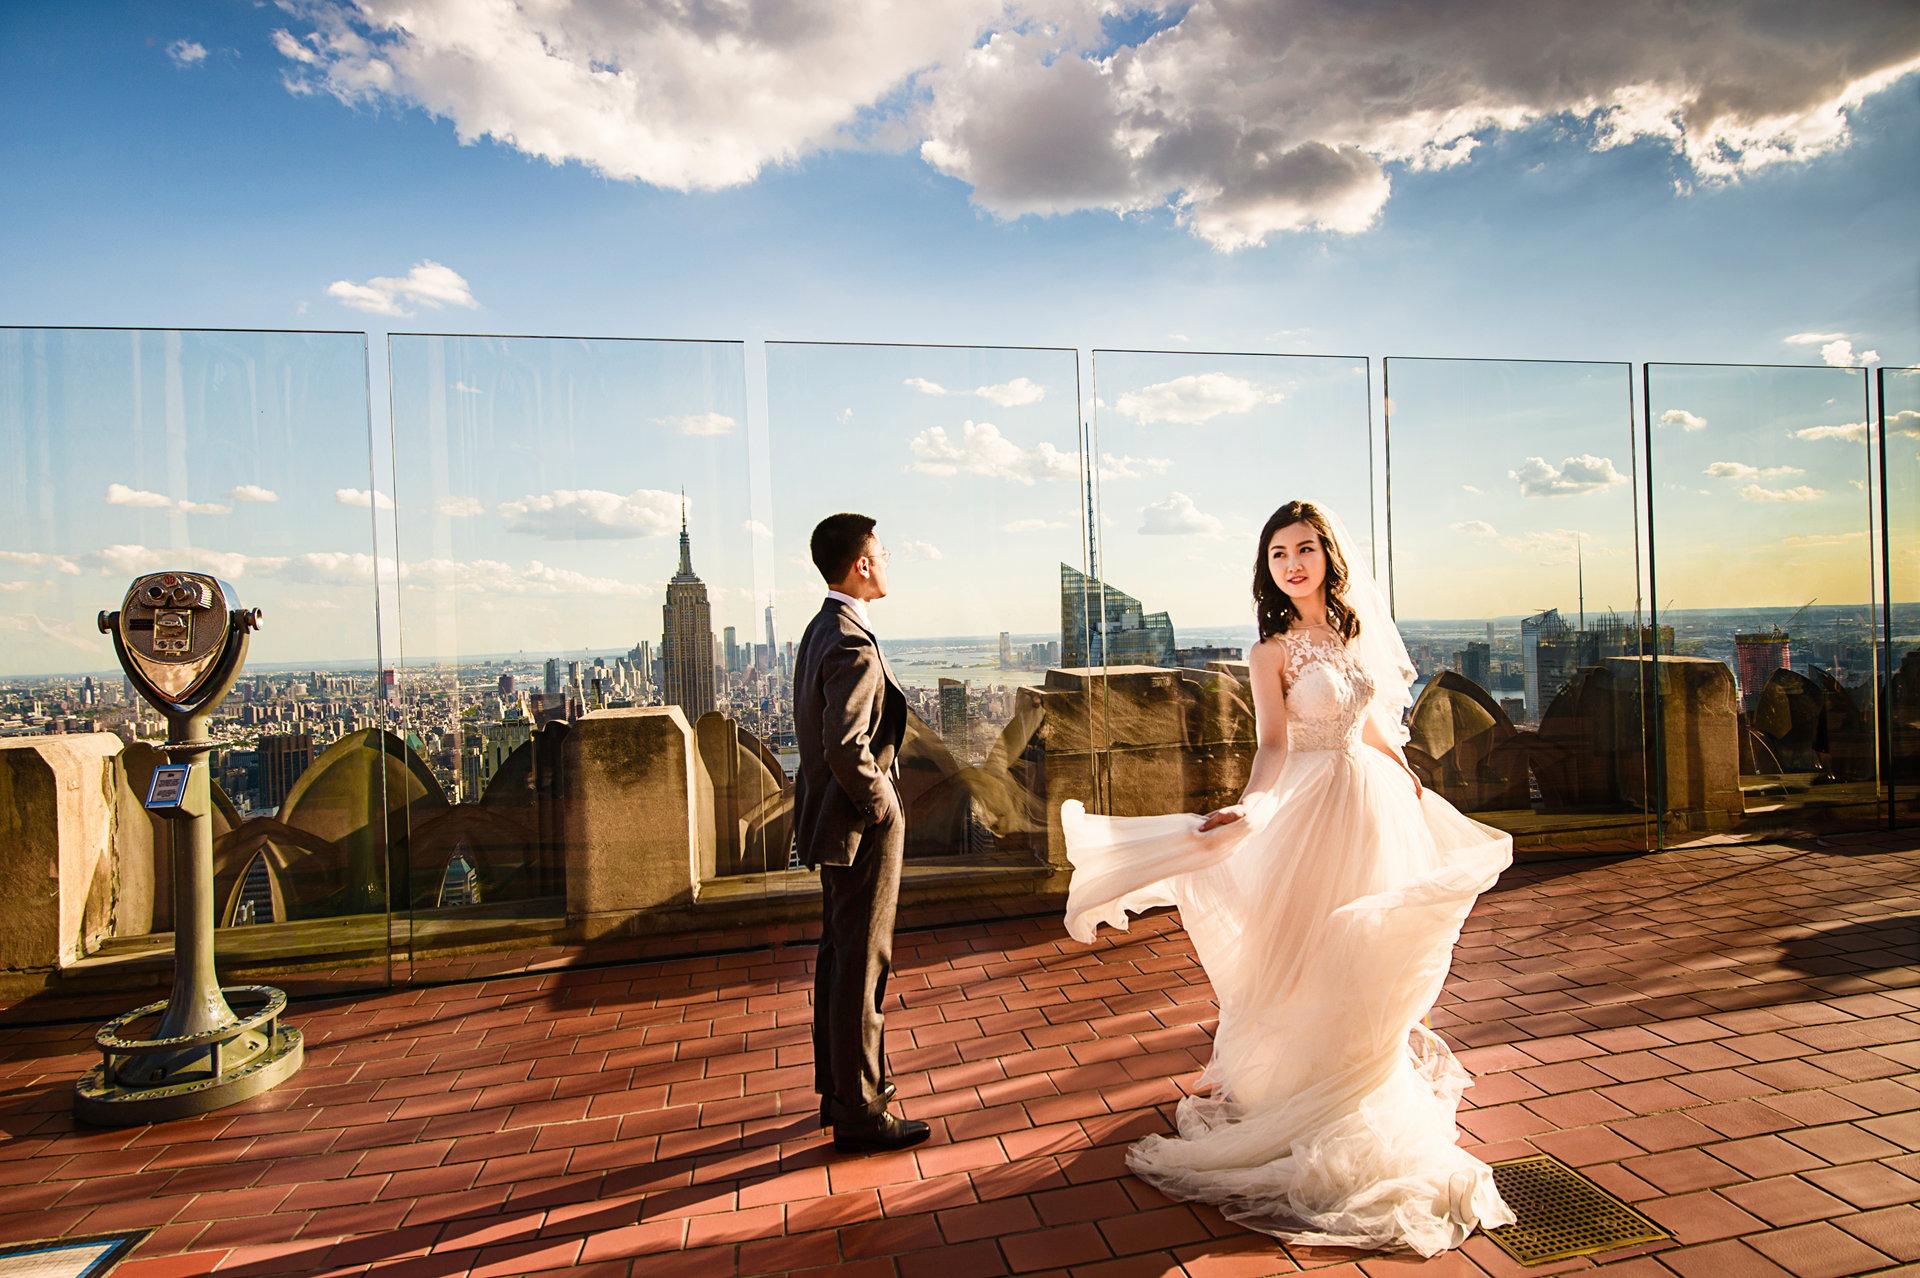 纽约曼哈顿洛克菲勒楼顶婚纱照 new york pre wedding